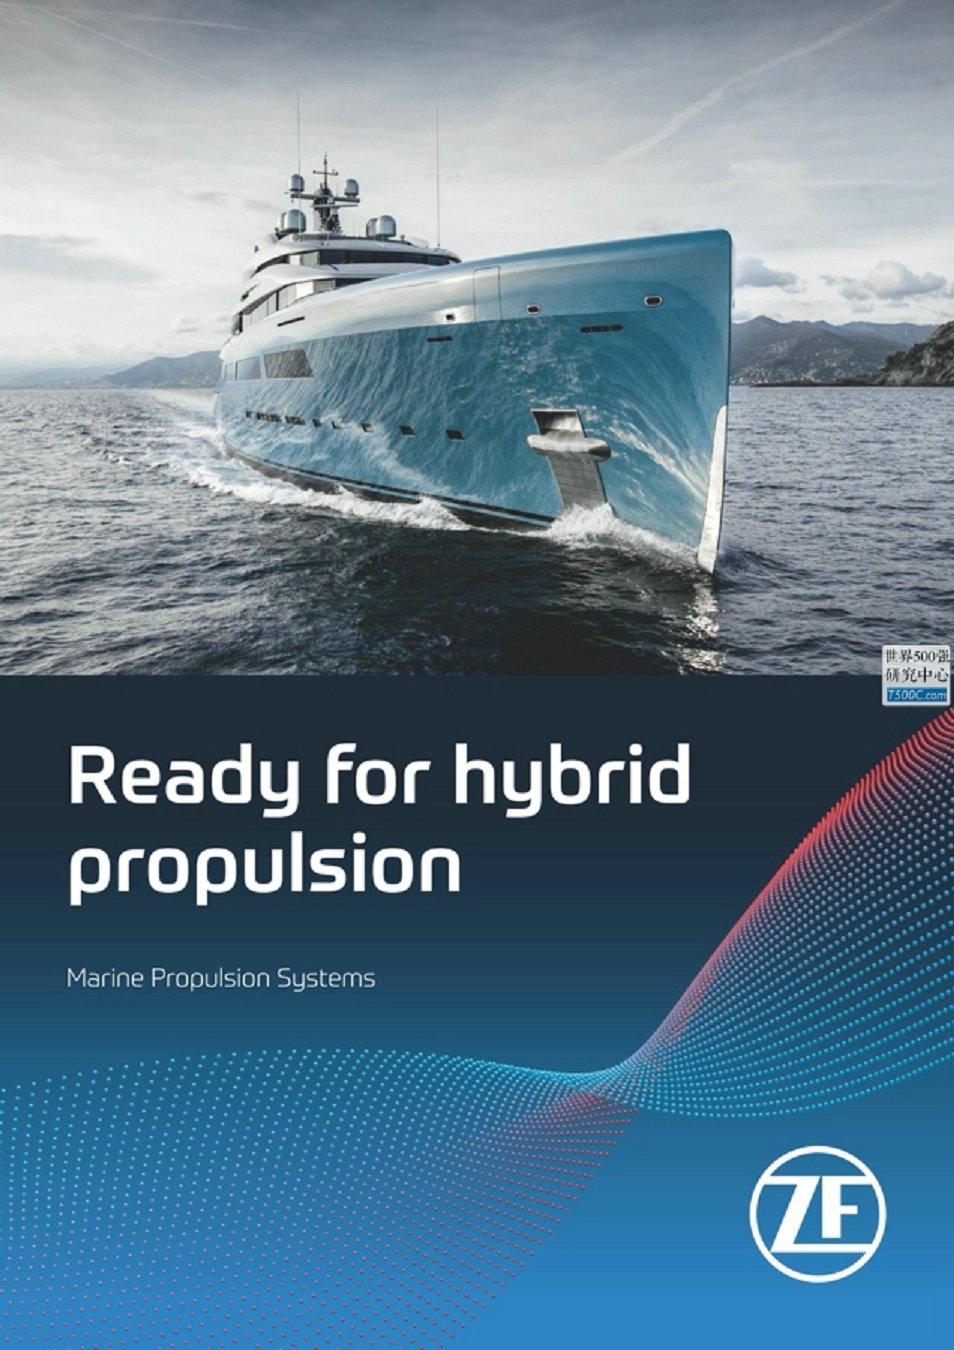 采埃孚技术ZFFriedrichshafen_产品宣传册Brochure_T500C.com_hybrid concepts 2018